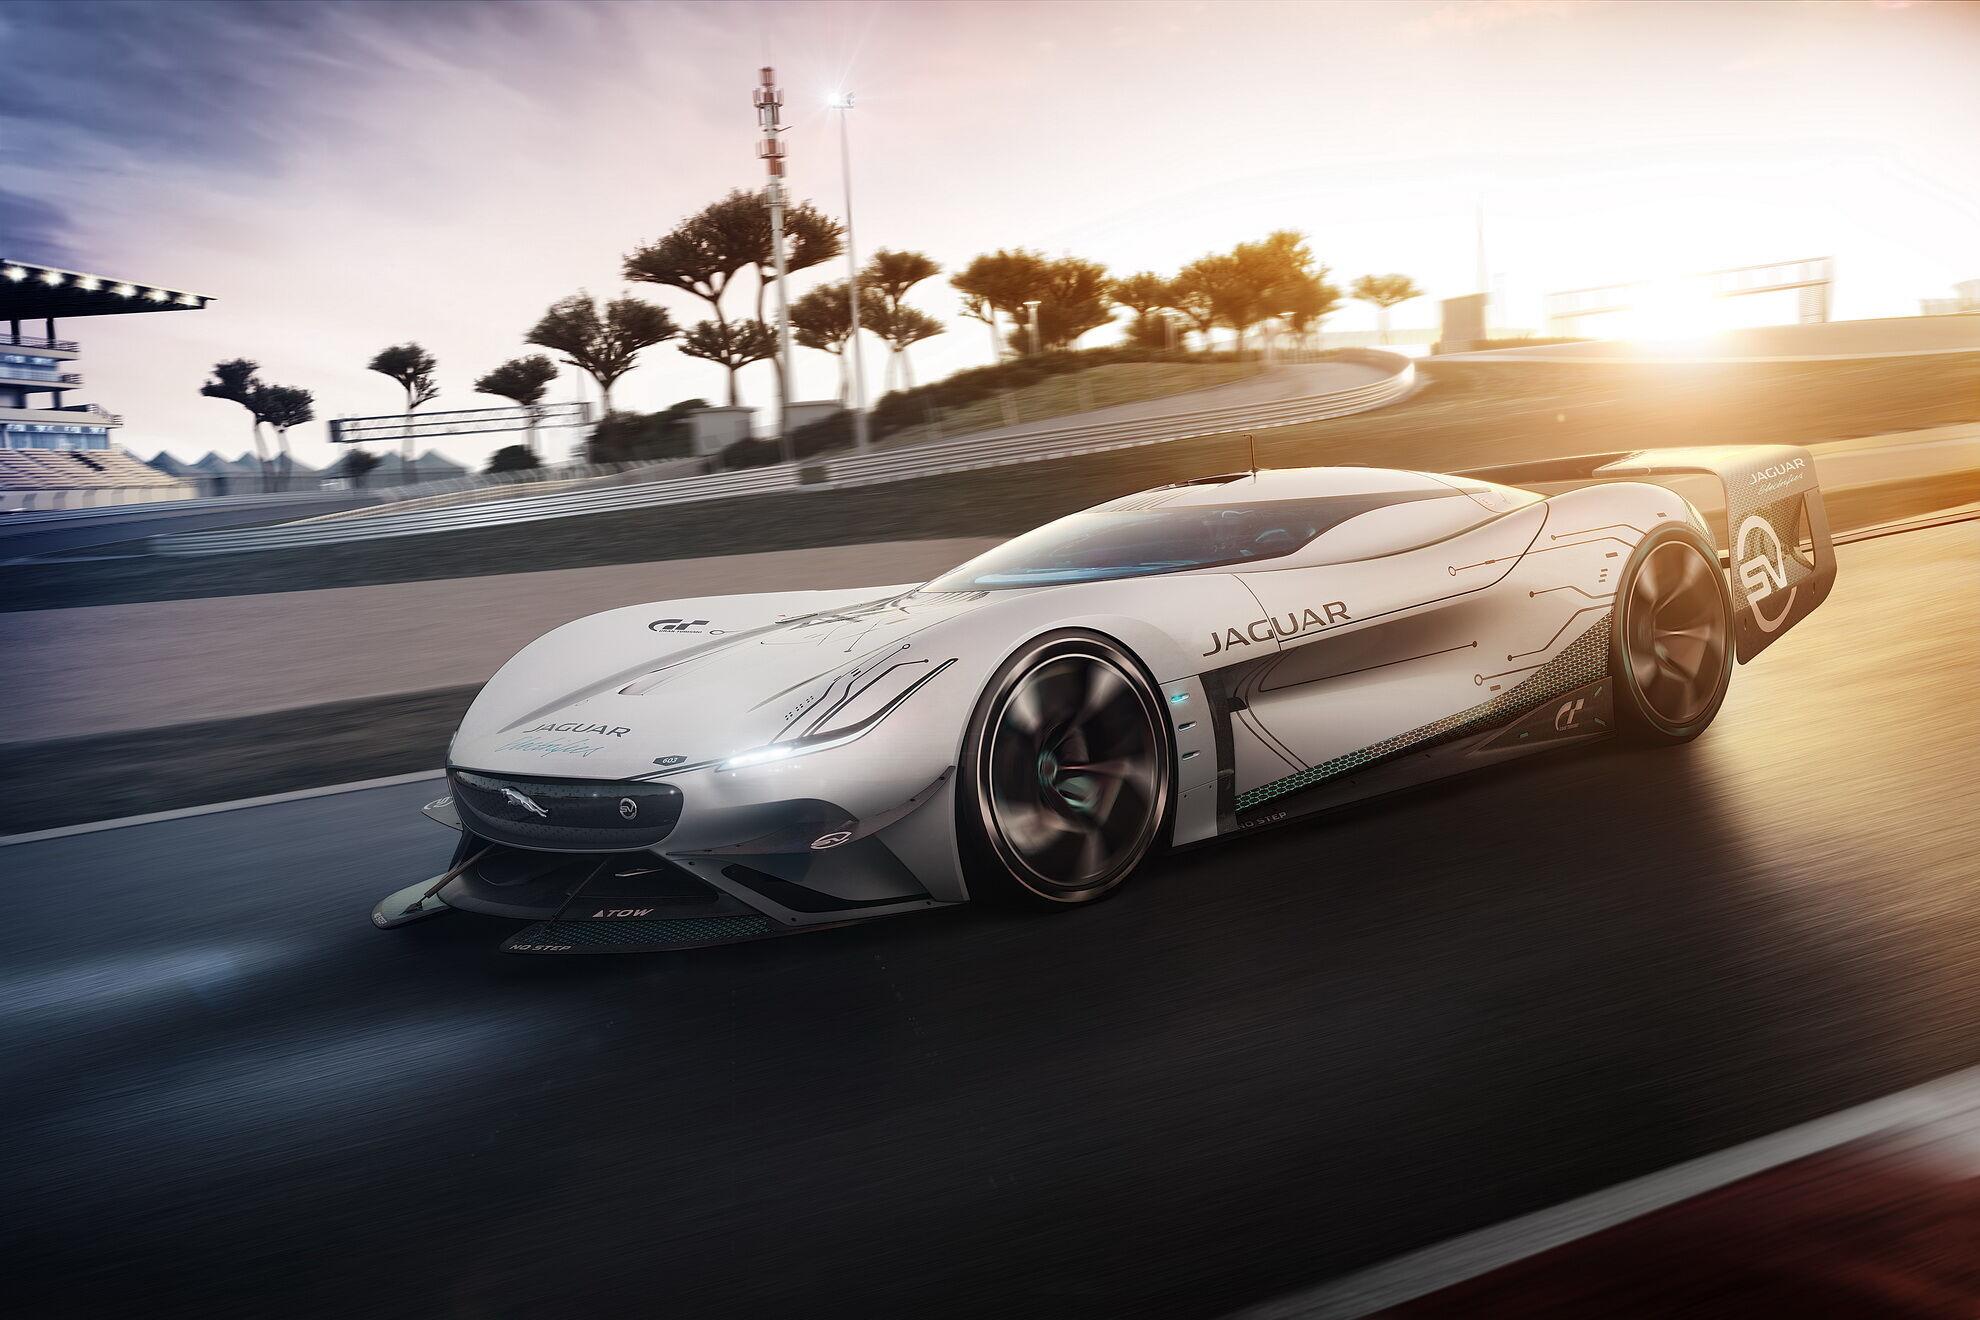 Vision GT SV снабдили четырьмя электромоторами – по каждому на колесо